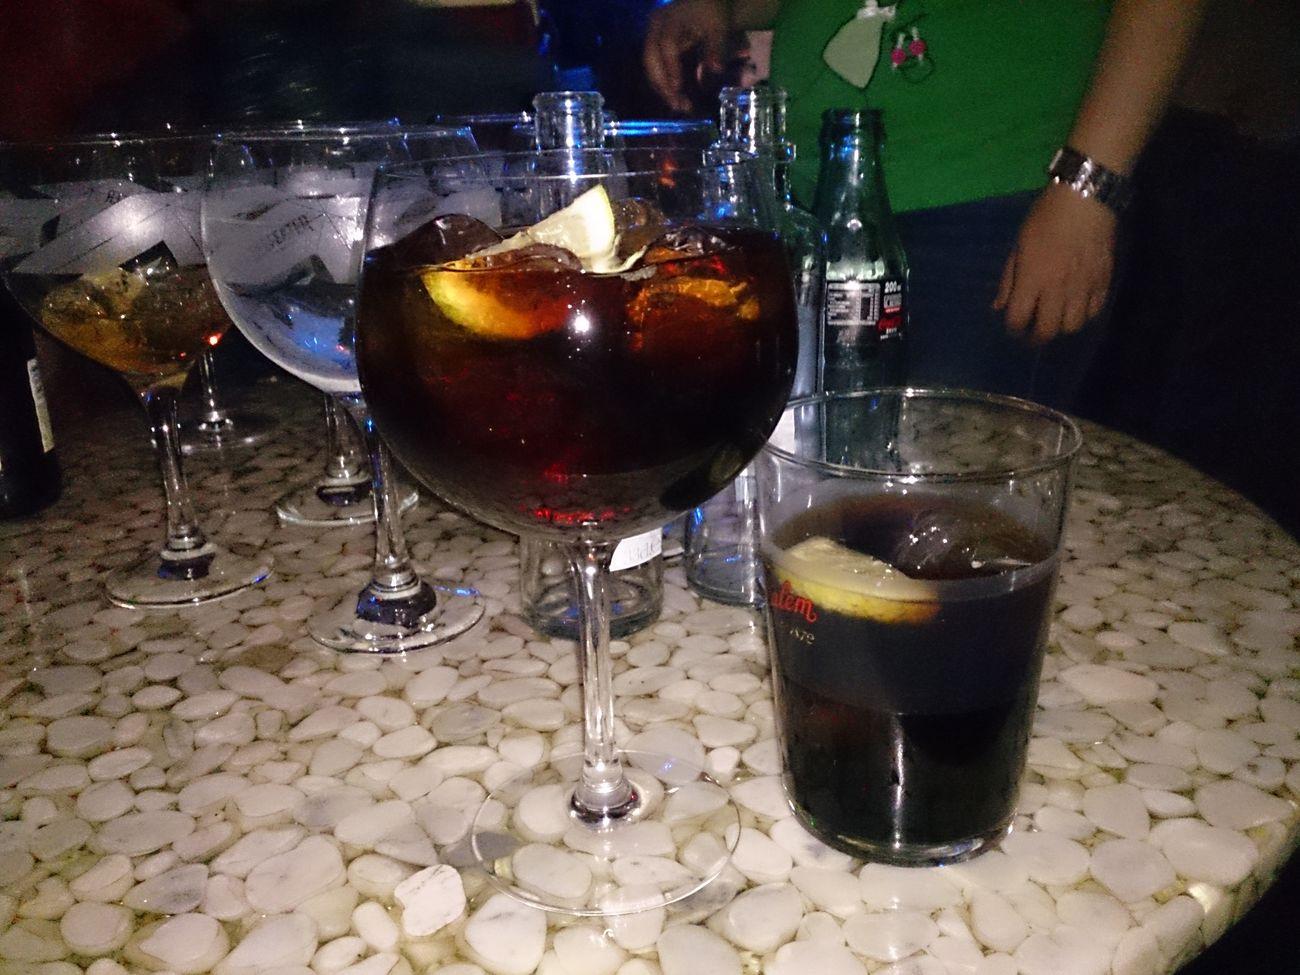 Saliendo un poco de Fiesta y tomando unos Cubatas en las Fiestas Del Pilar de Zaragoza